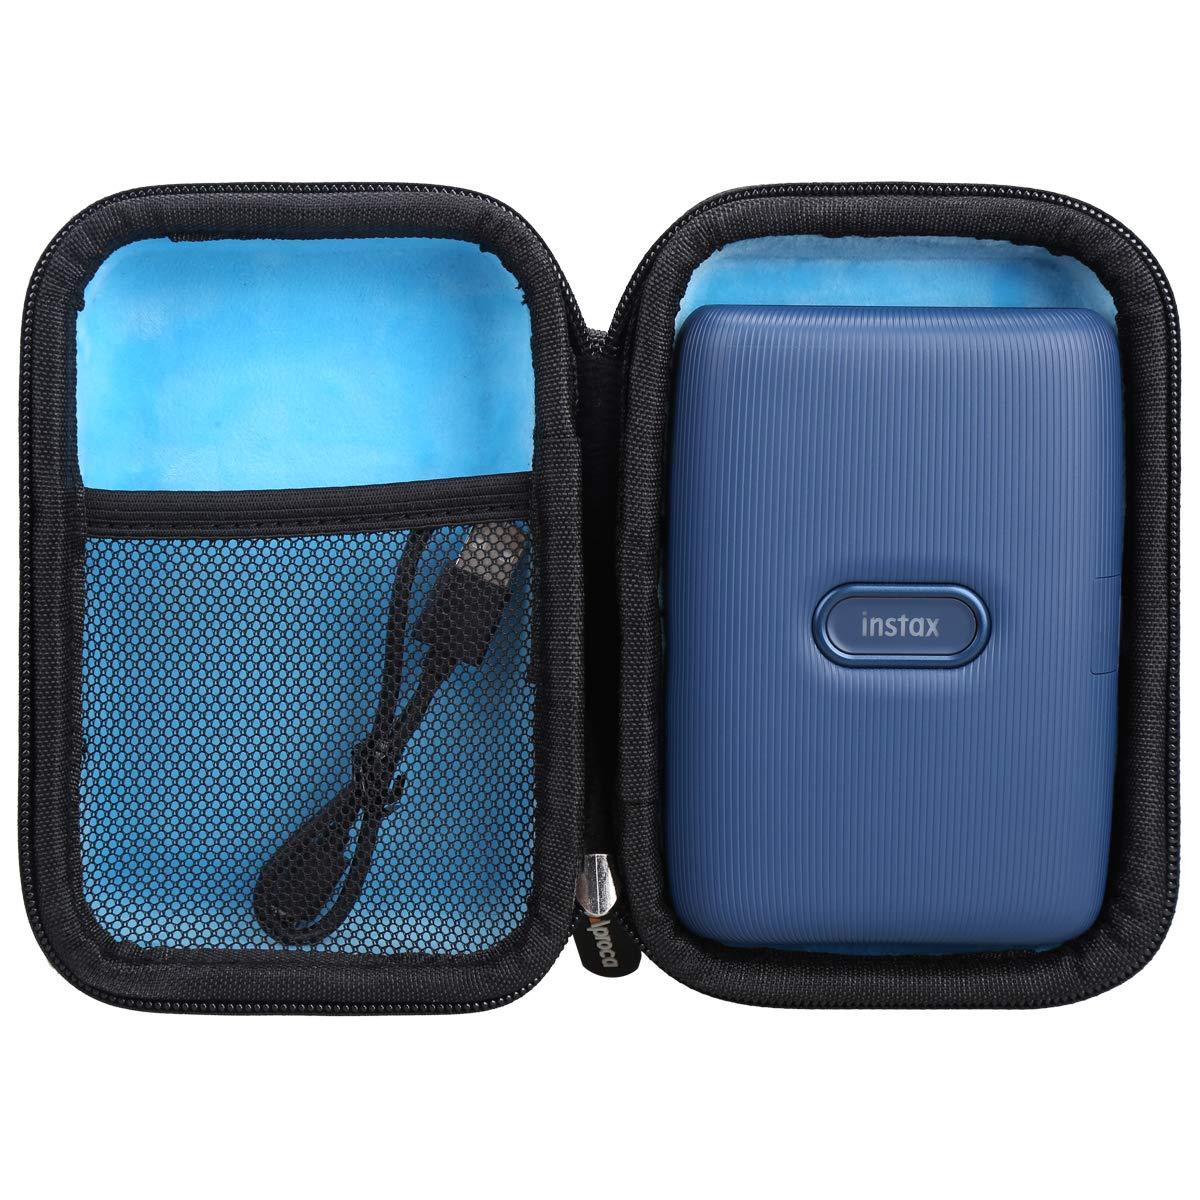 Aproca Duro Viajes Funda Bolso Caso para Instax Link Impresora para Smartphone (Blue): Amazon.es: Electrónica